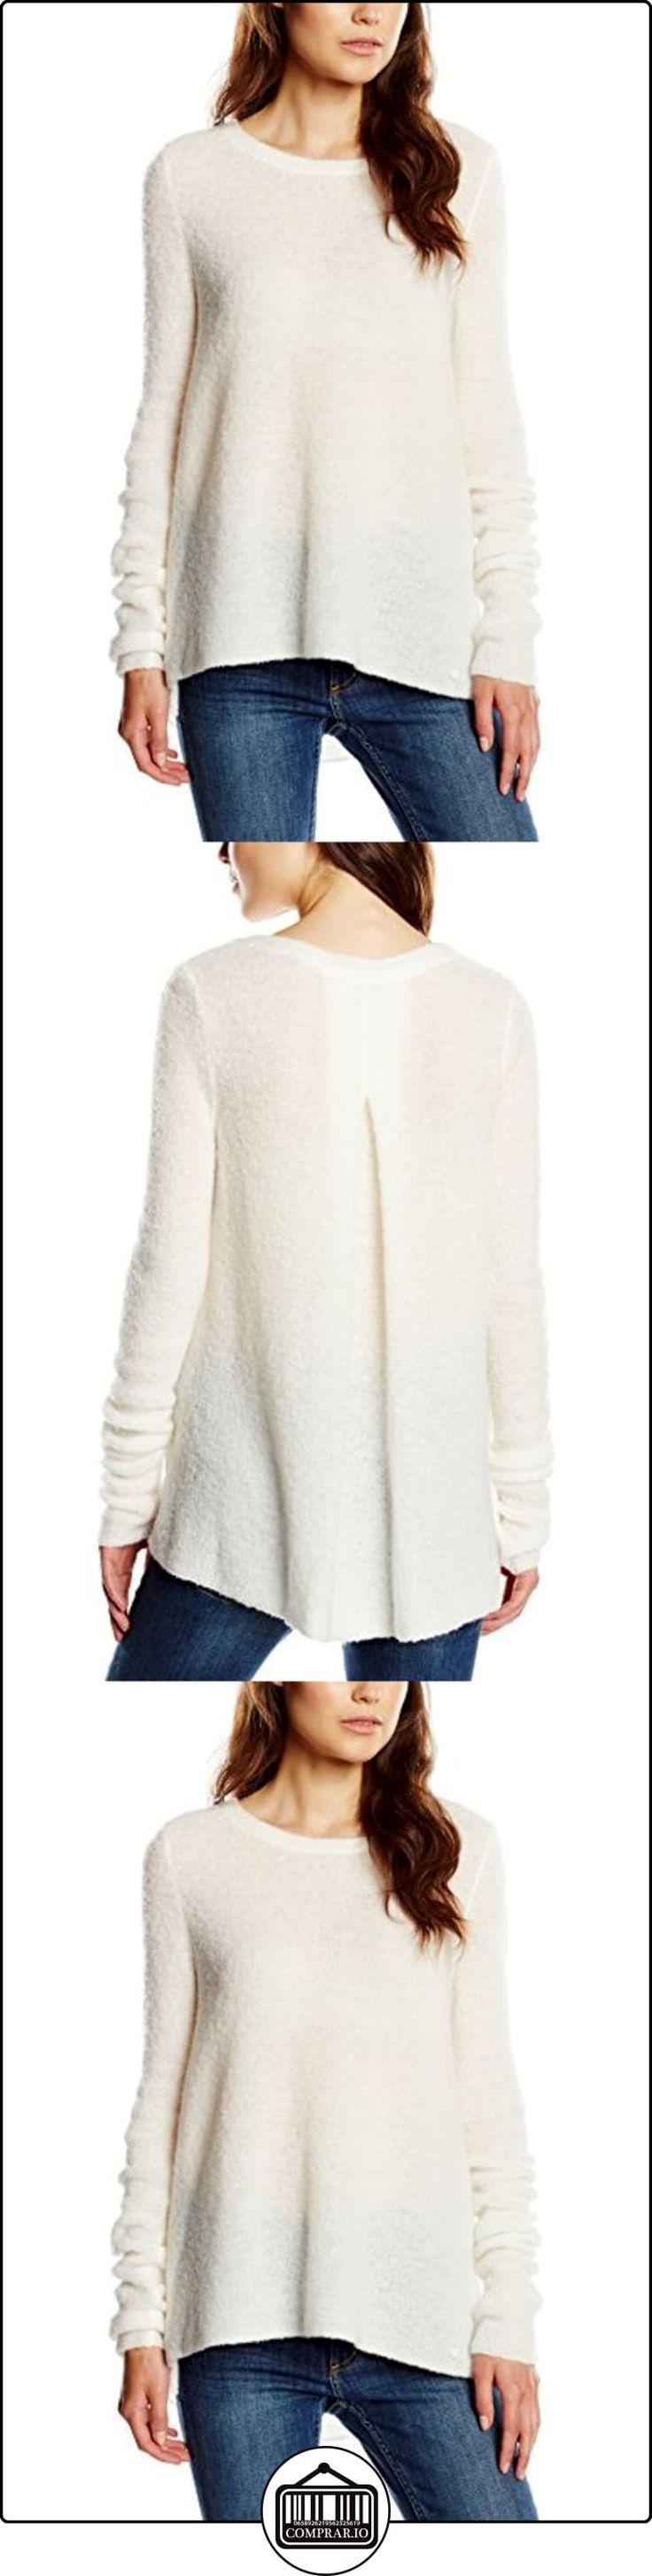 Marc O'Polo 507 5221 60073 - Suéter para mujer, color elfenbein (birch white 105), talla 38  ✿ Ropa de punto ✿